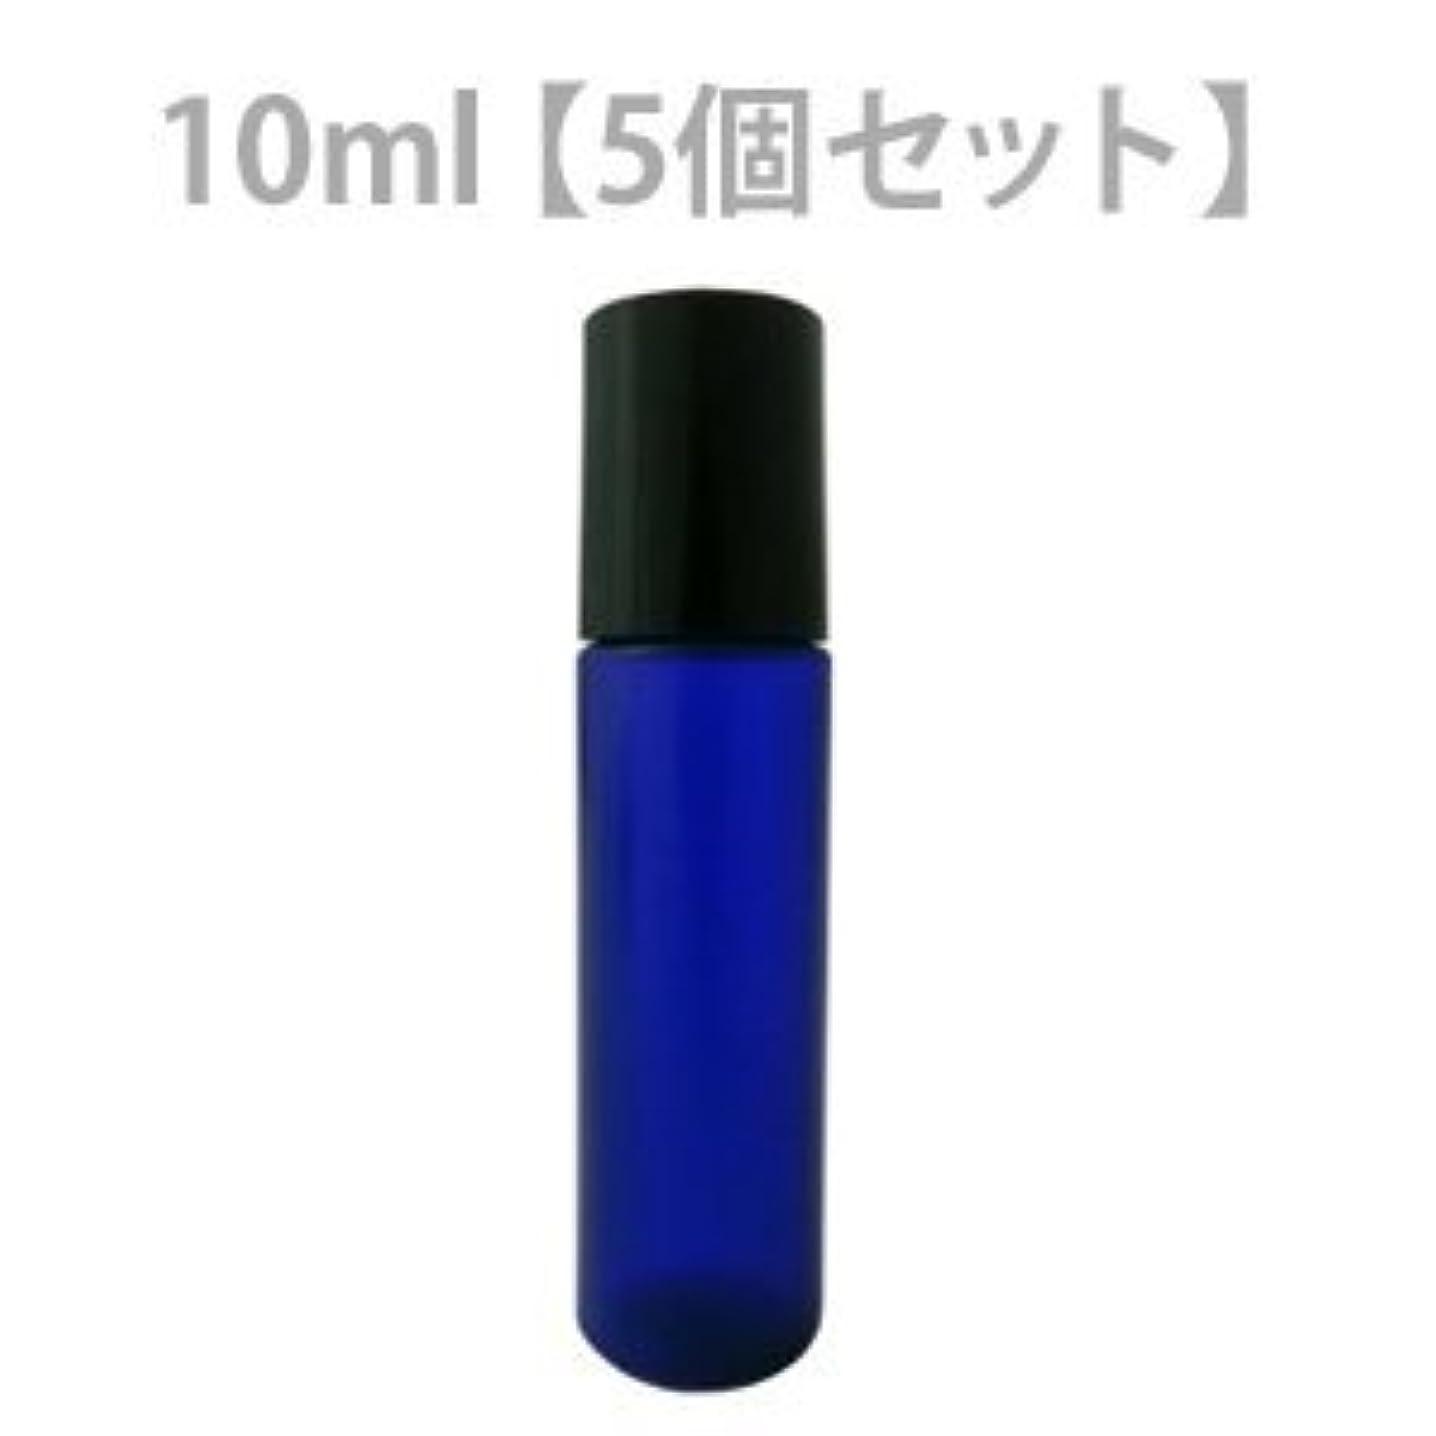 答えシソーラスフラッシュのように素早くミニボトル容器 10ml コバルト (5個セット) 【化粧品容器】